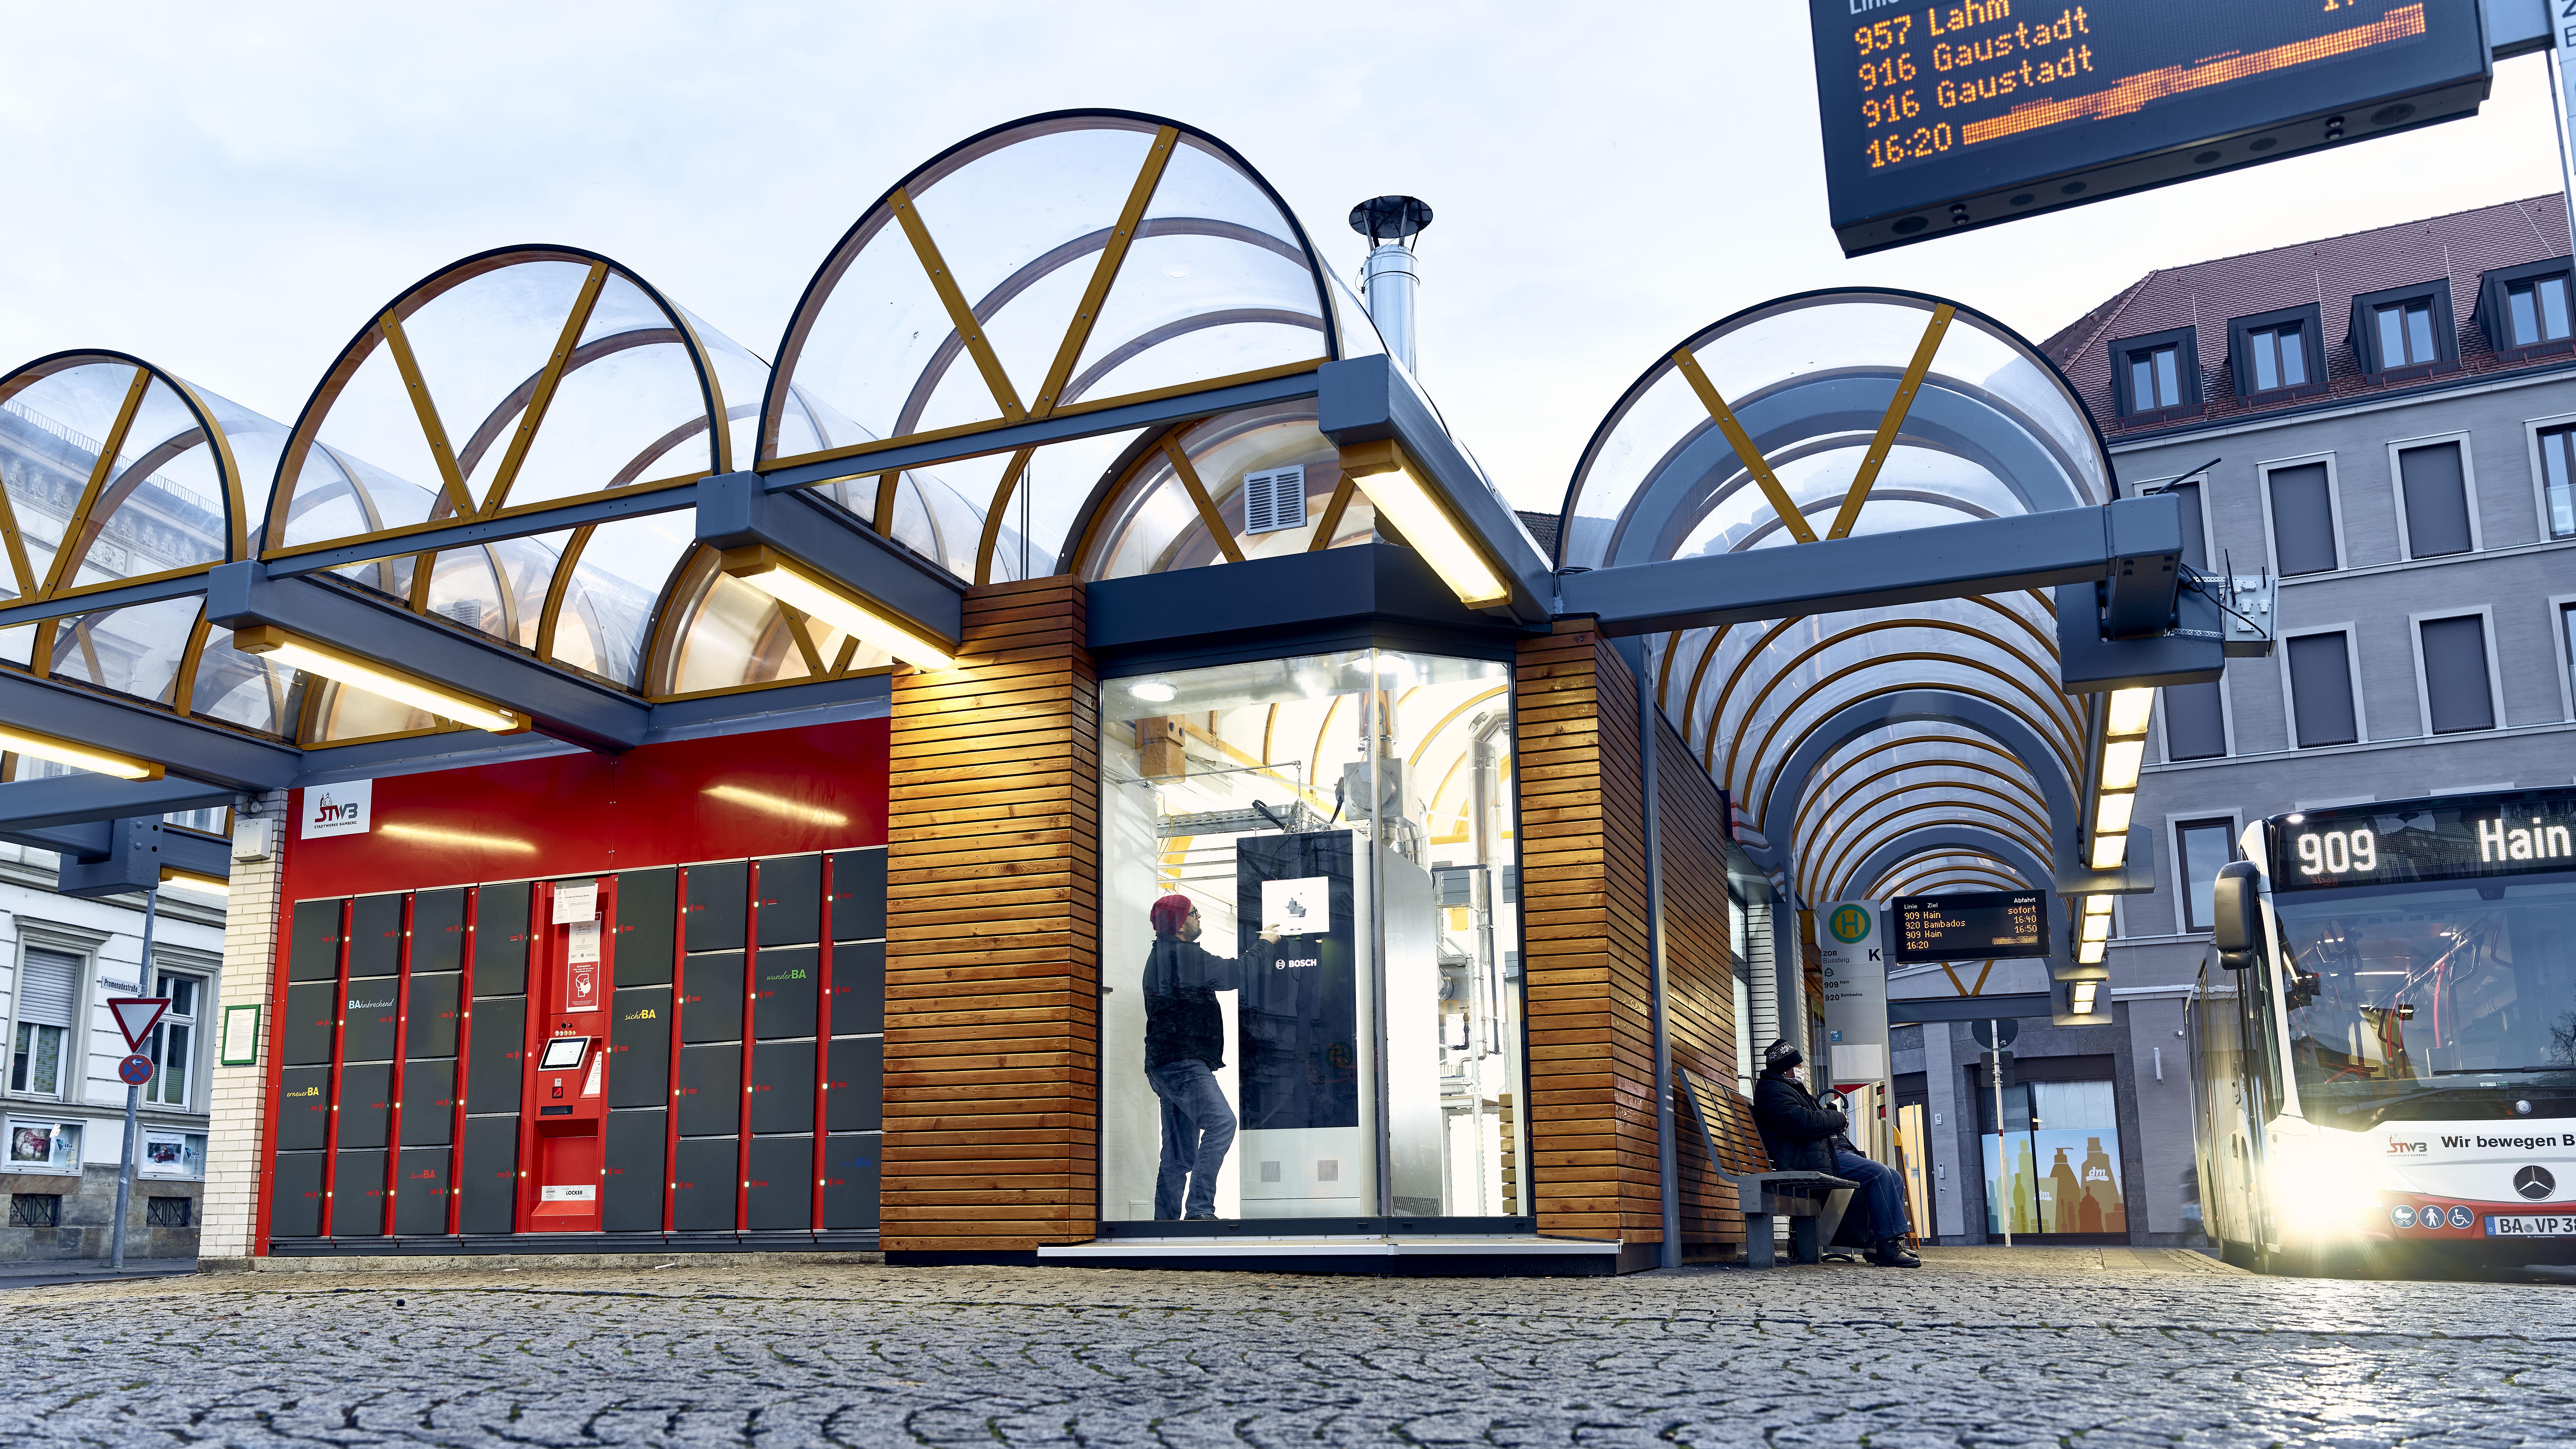 SOFC na autobusovej stanici v Bambergu